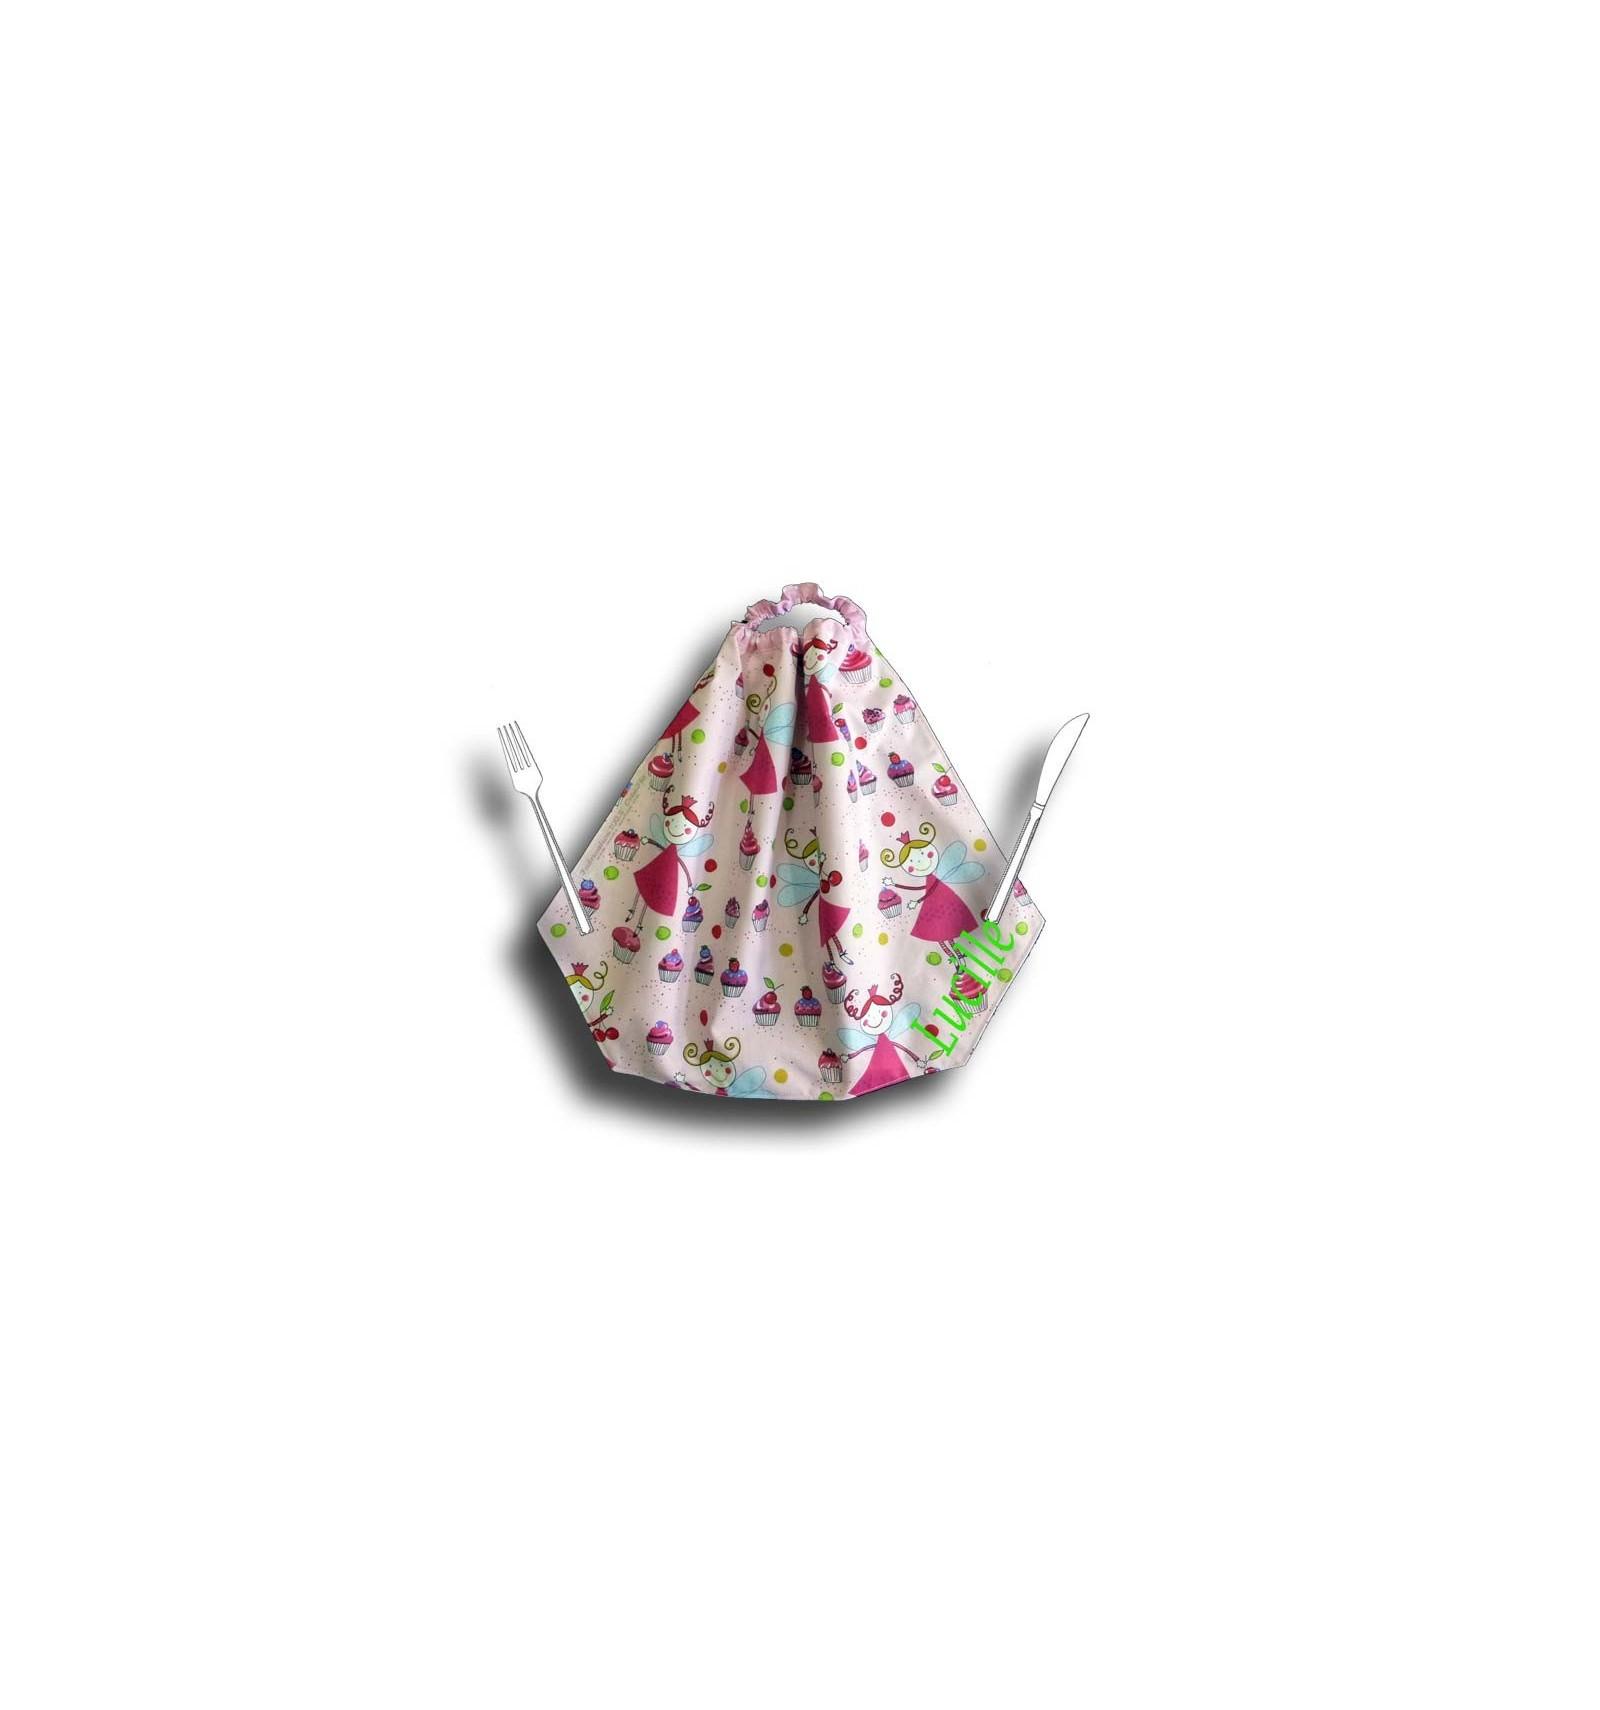 Serviette cantine avec elastique motif f e rose cr aflo - Serviette de table pour cantine ...